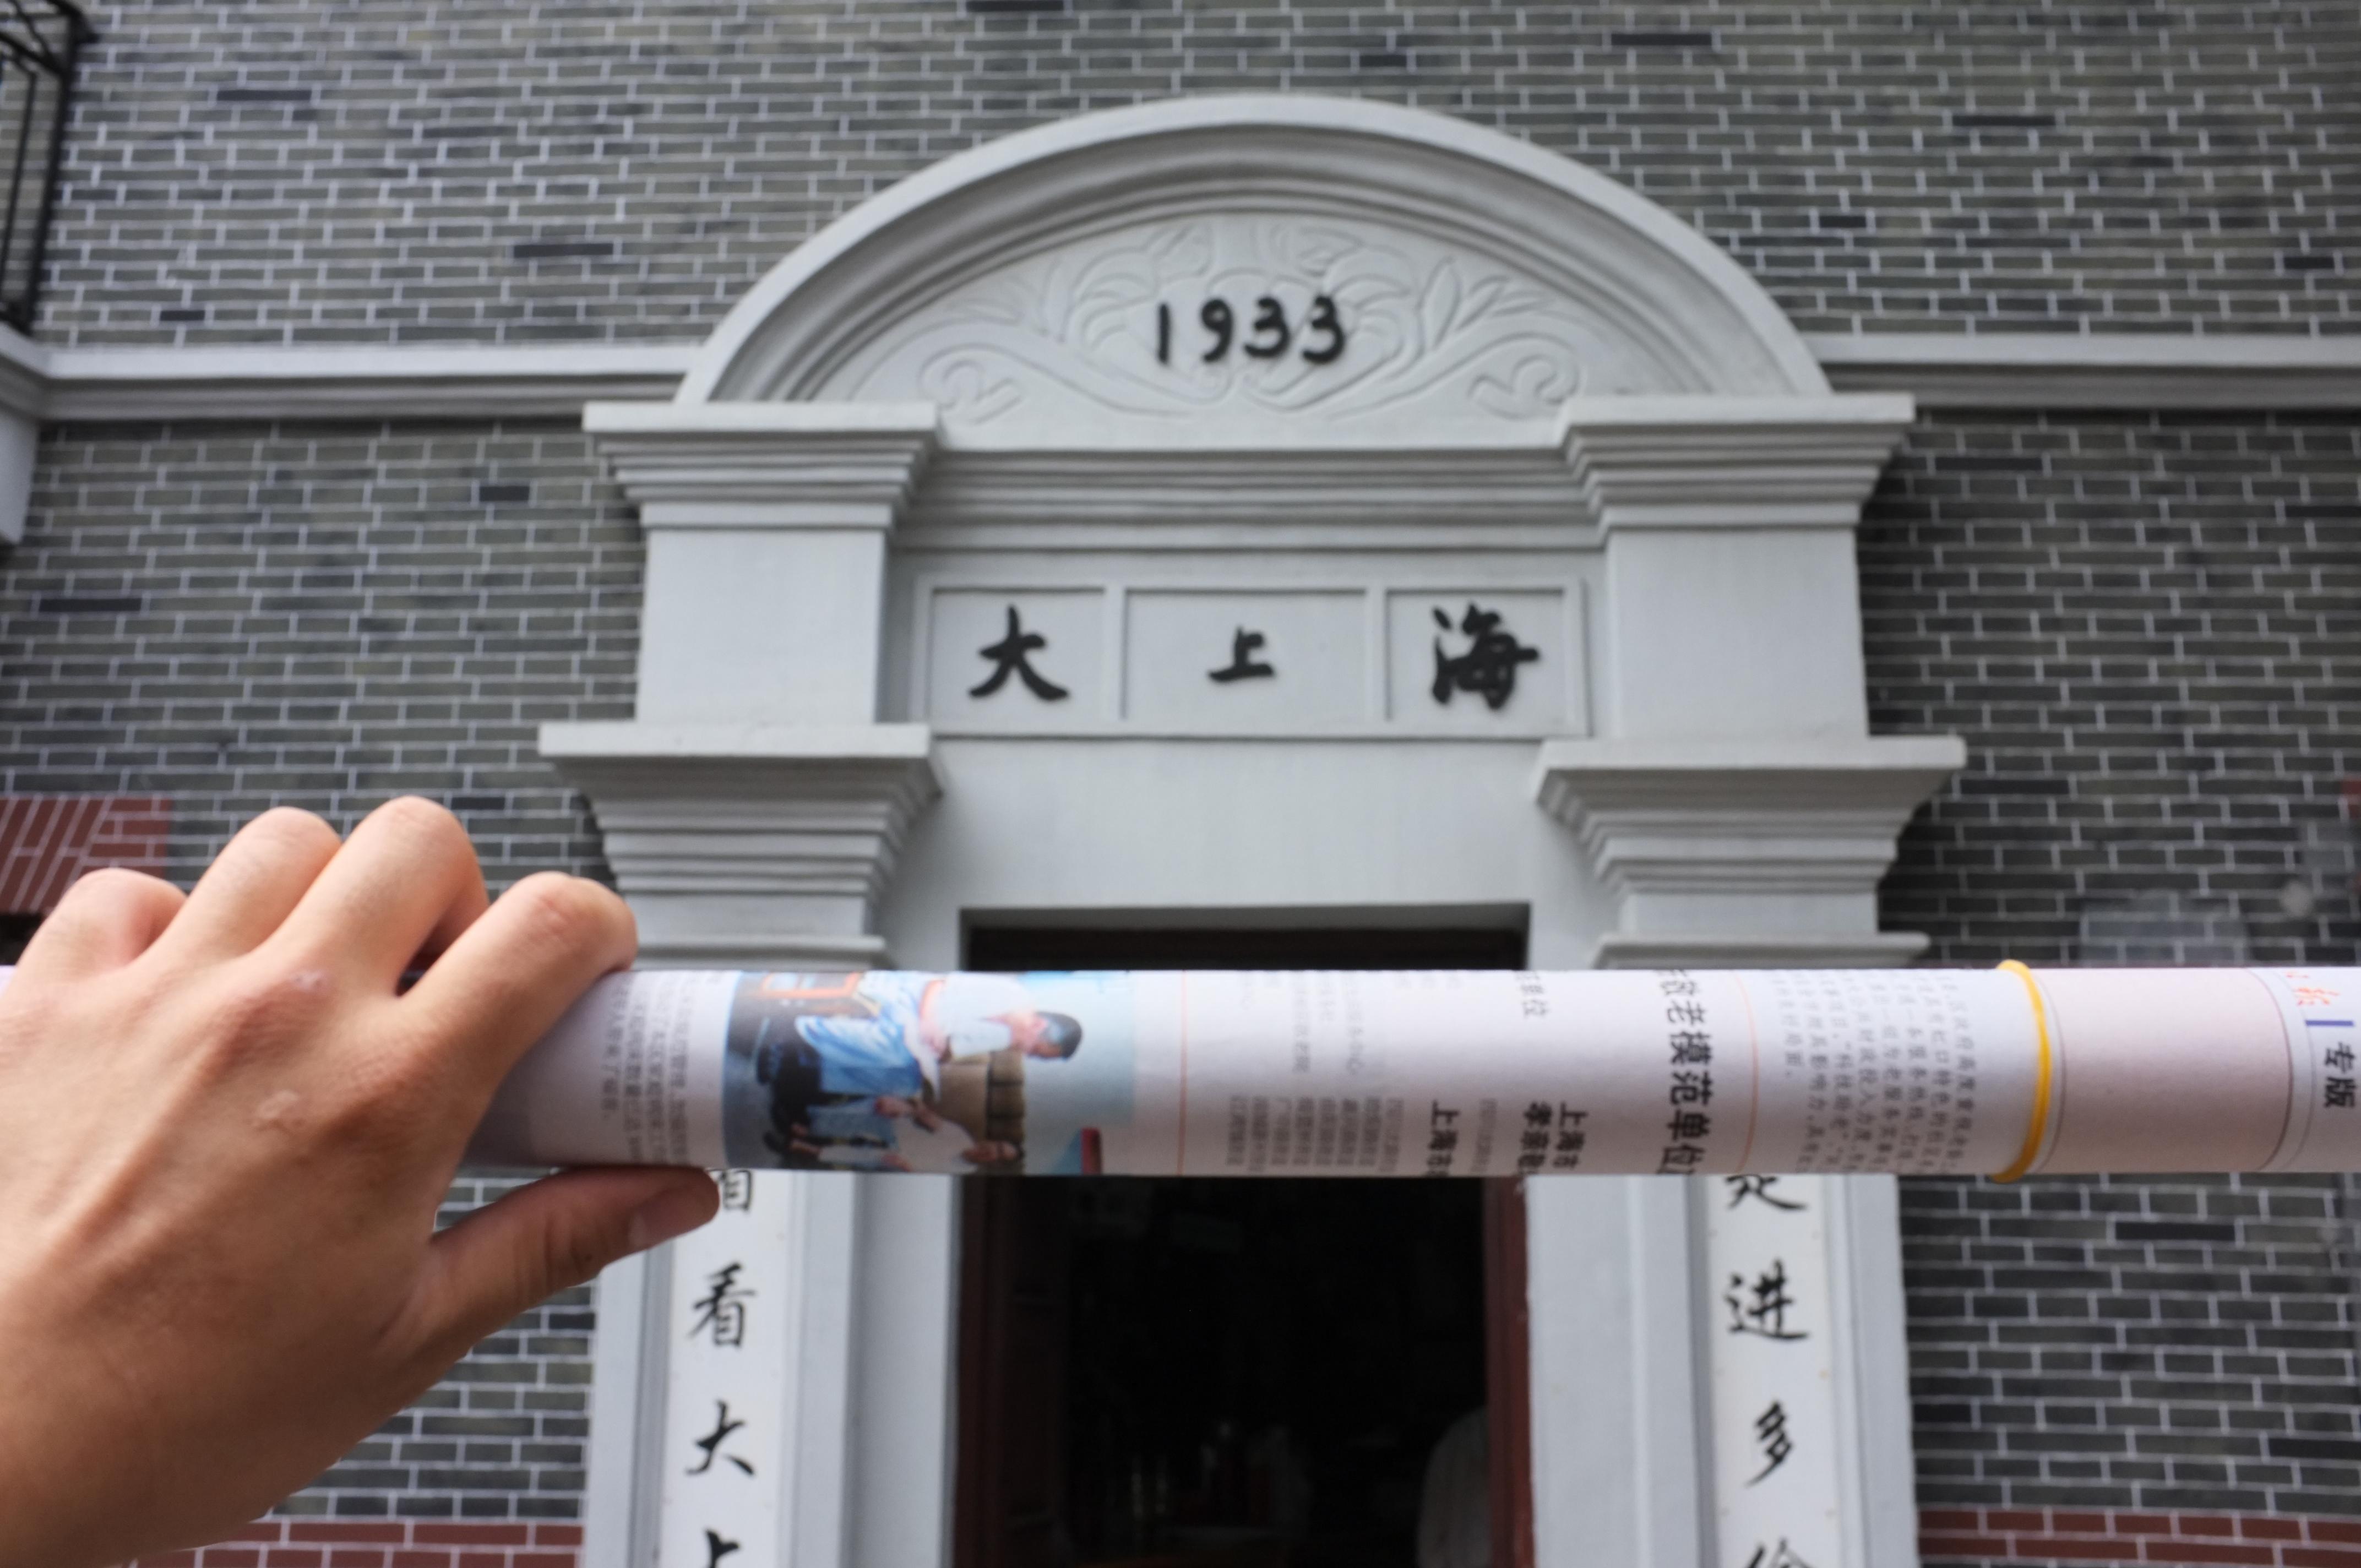 duolun men Cultural intersections in later chinese buddhism glossary  { chanhui b¨ chanyuan qinggui ibmw chaoyang men èߢ chaoyue jingnuo wvr  (c duolun) h .